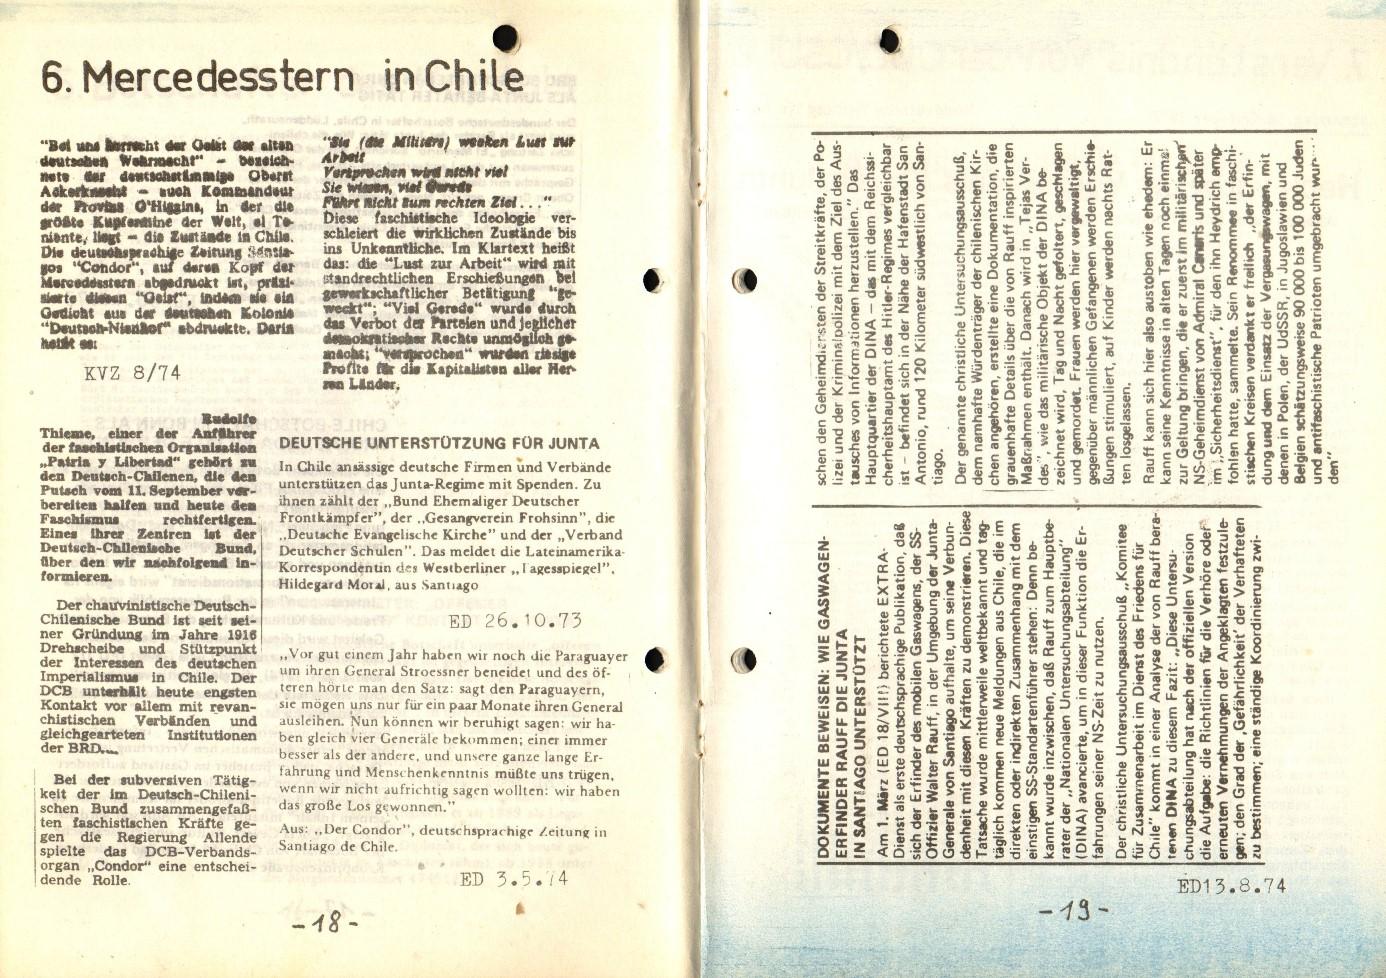 Duisburg_ML_1974_Die_Feinde_des_chilenischen_Volkes_10